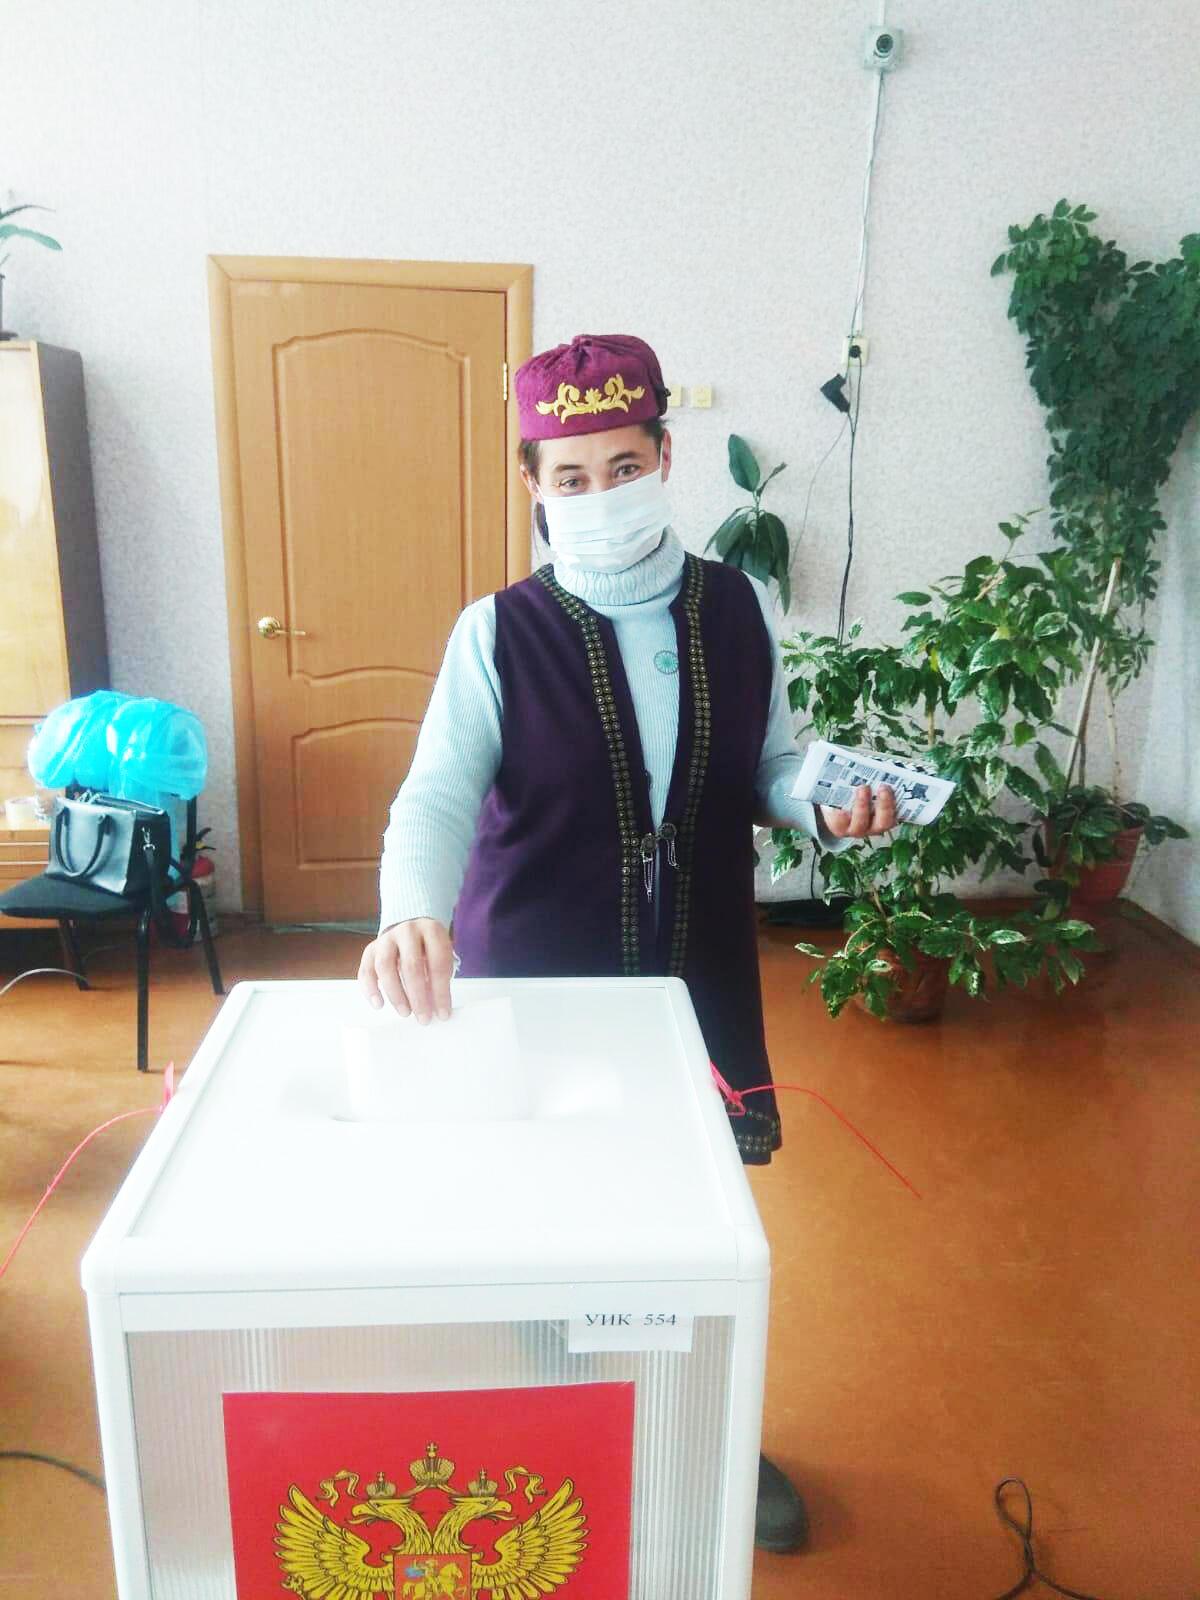 Жители Омской области приходят голосовать в национальных костюмах #Омск #Общество #Сегодня